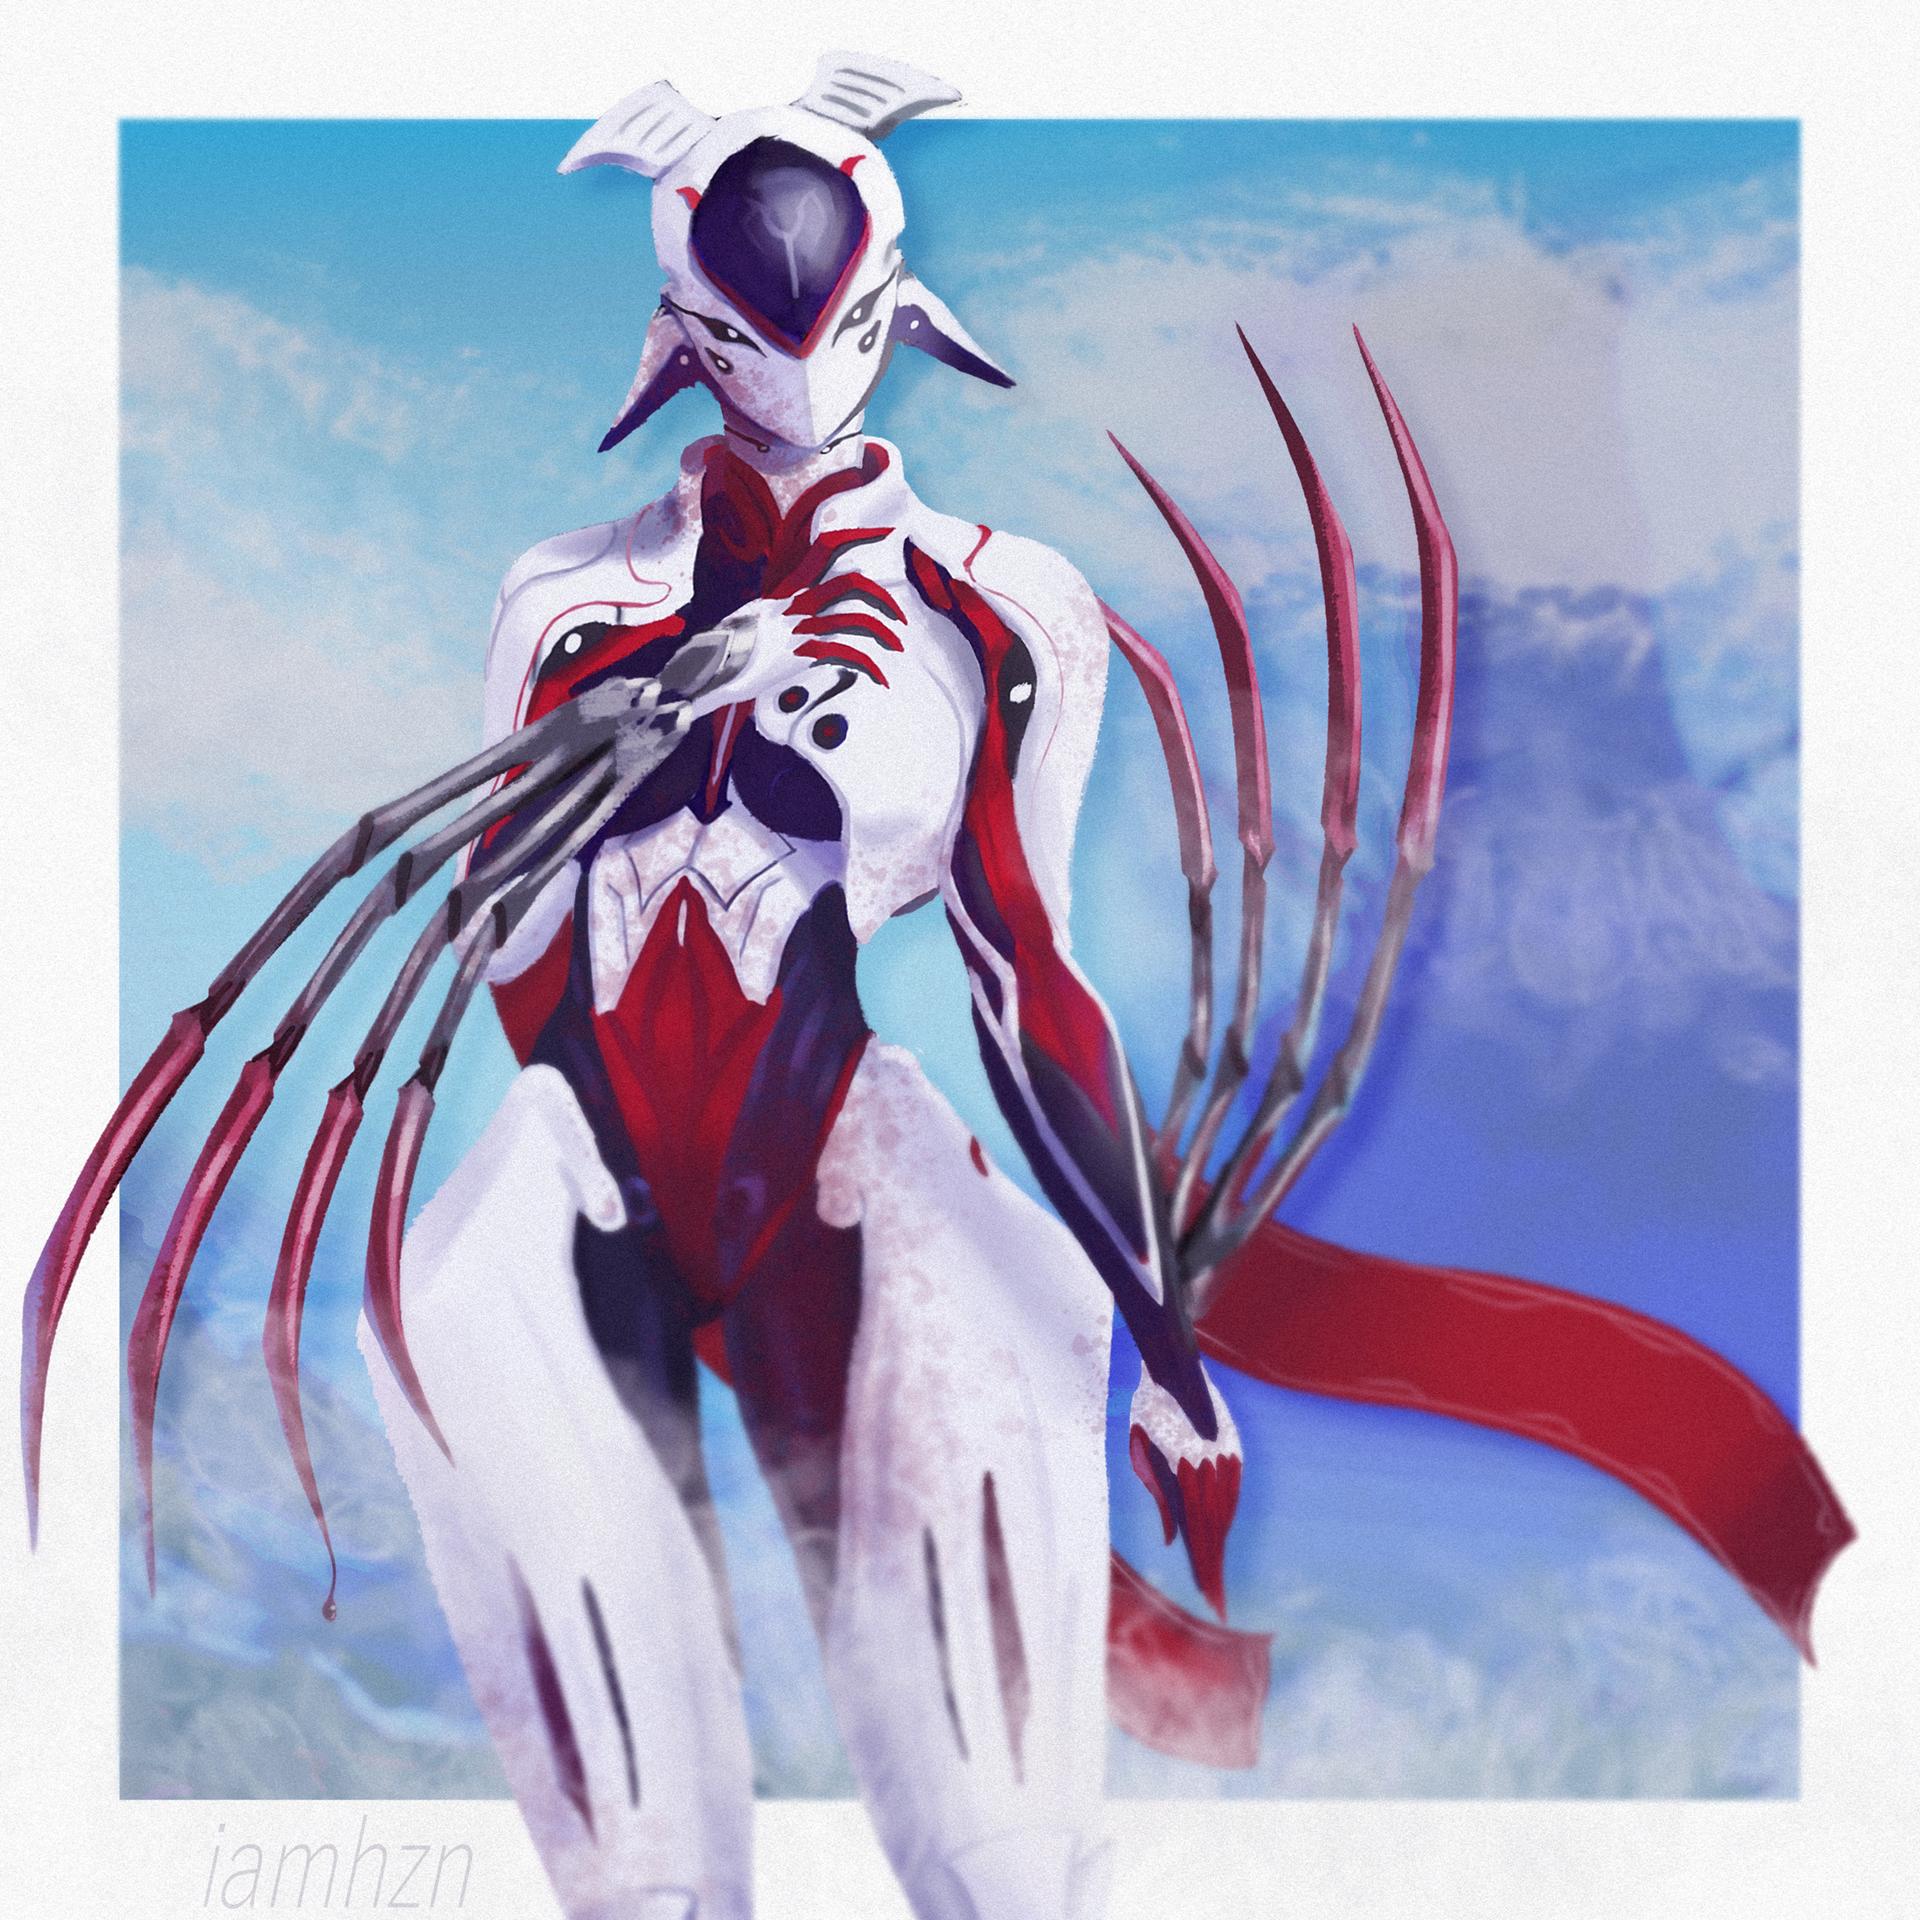 Garuda by iamhzn